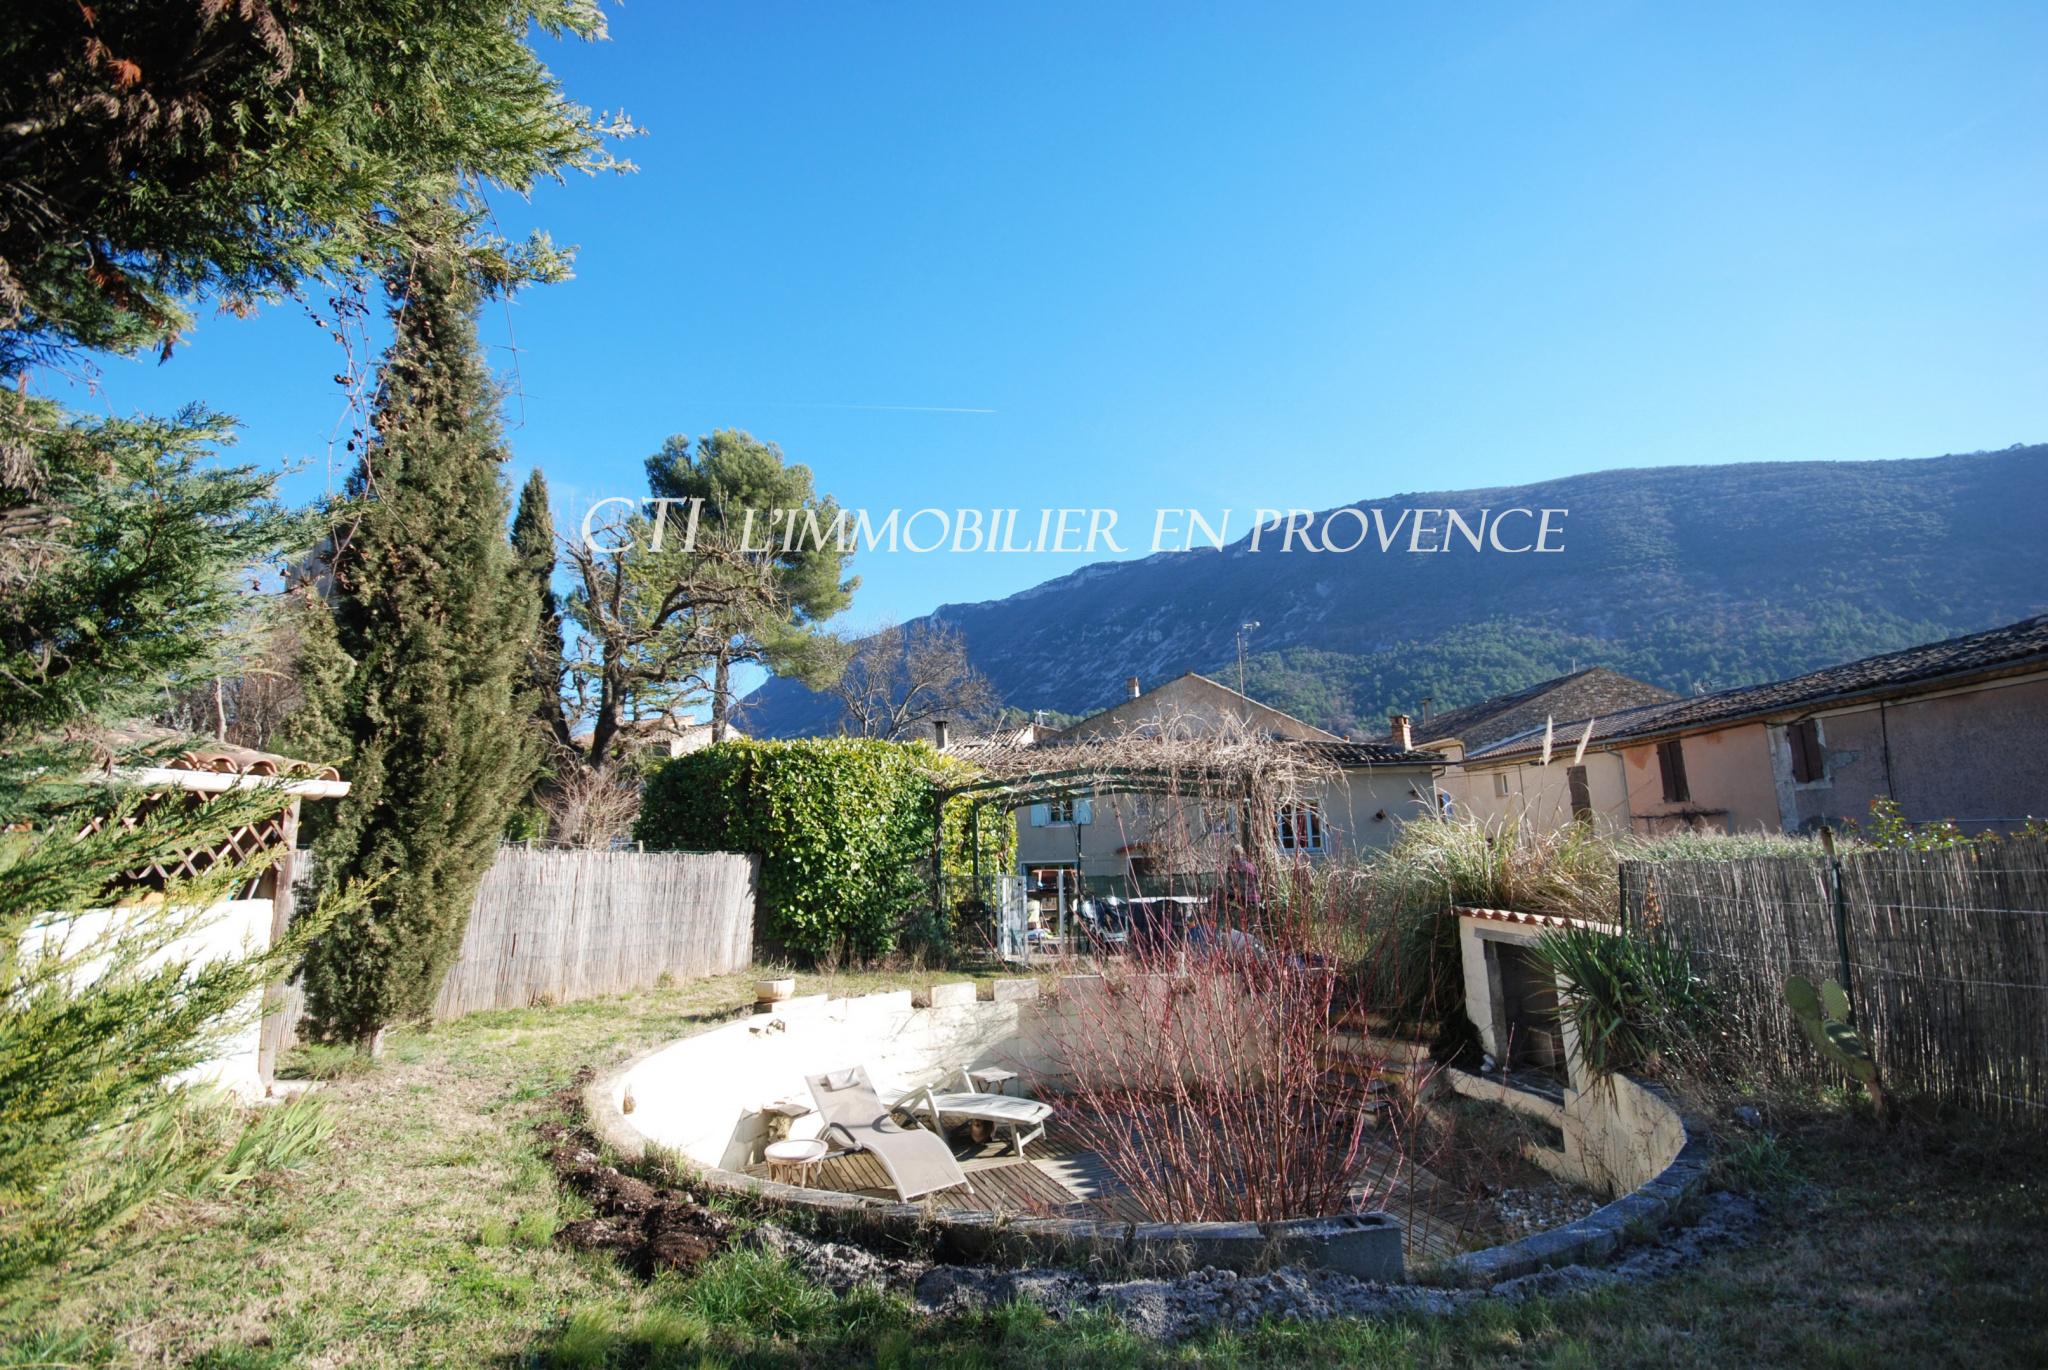 0 www.cti-provence.net, agérable  maison de village avec jardin piscinable,